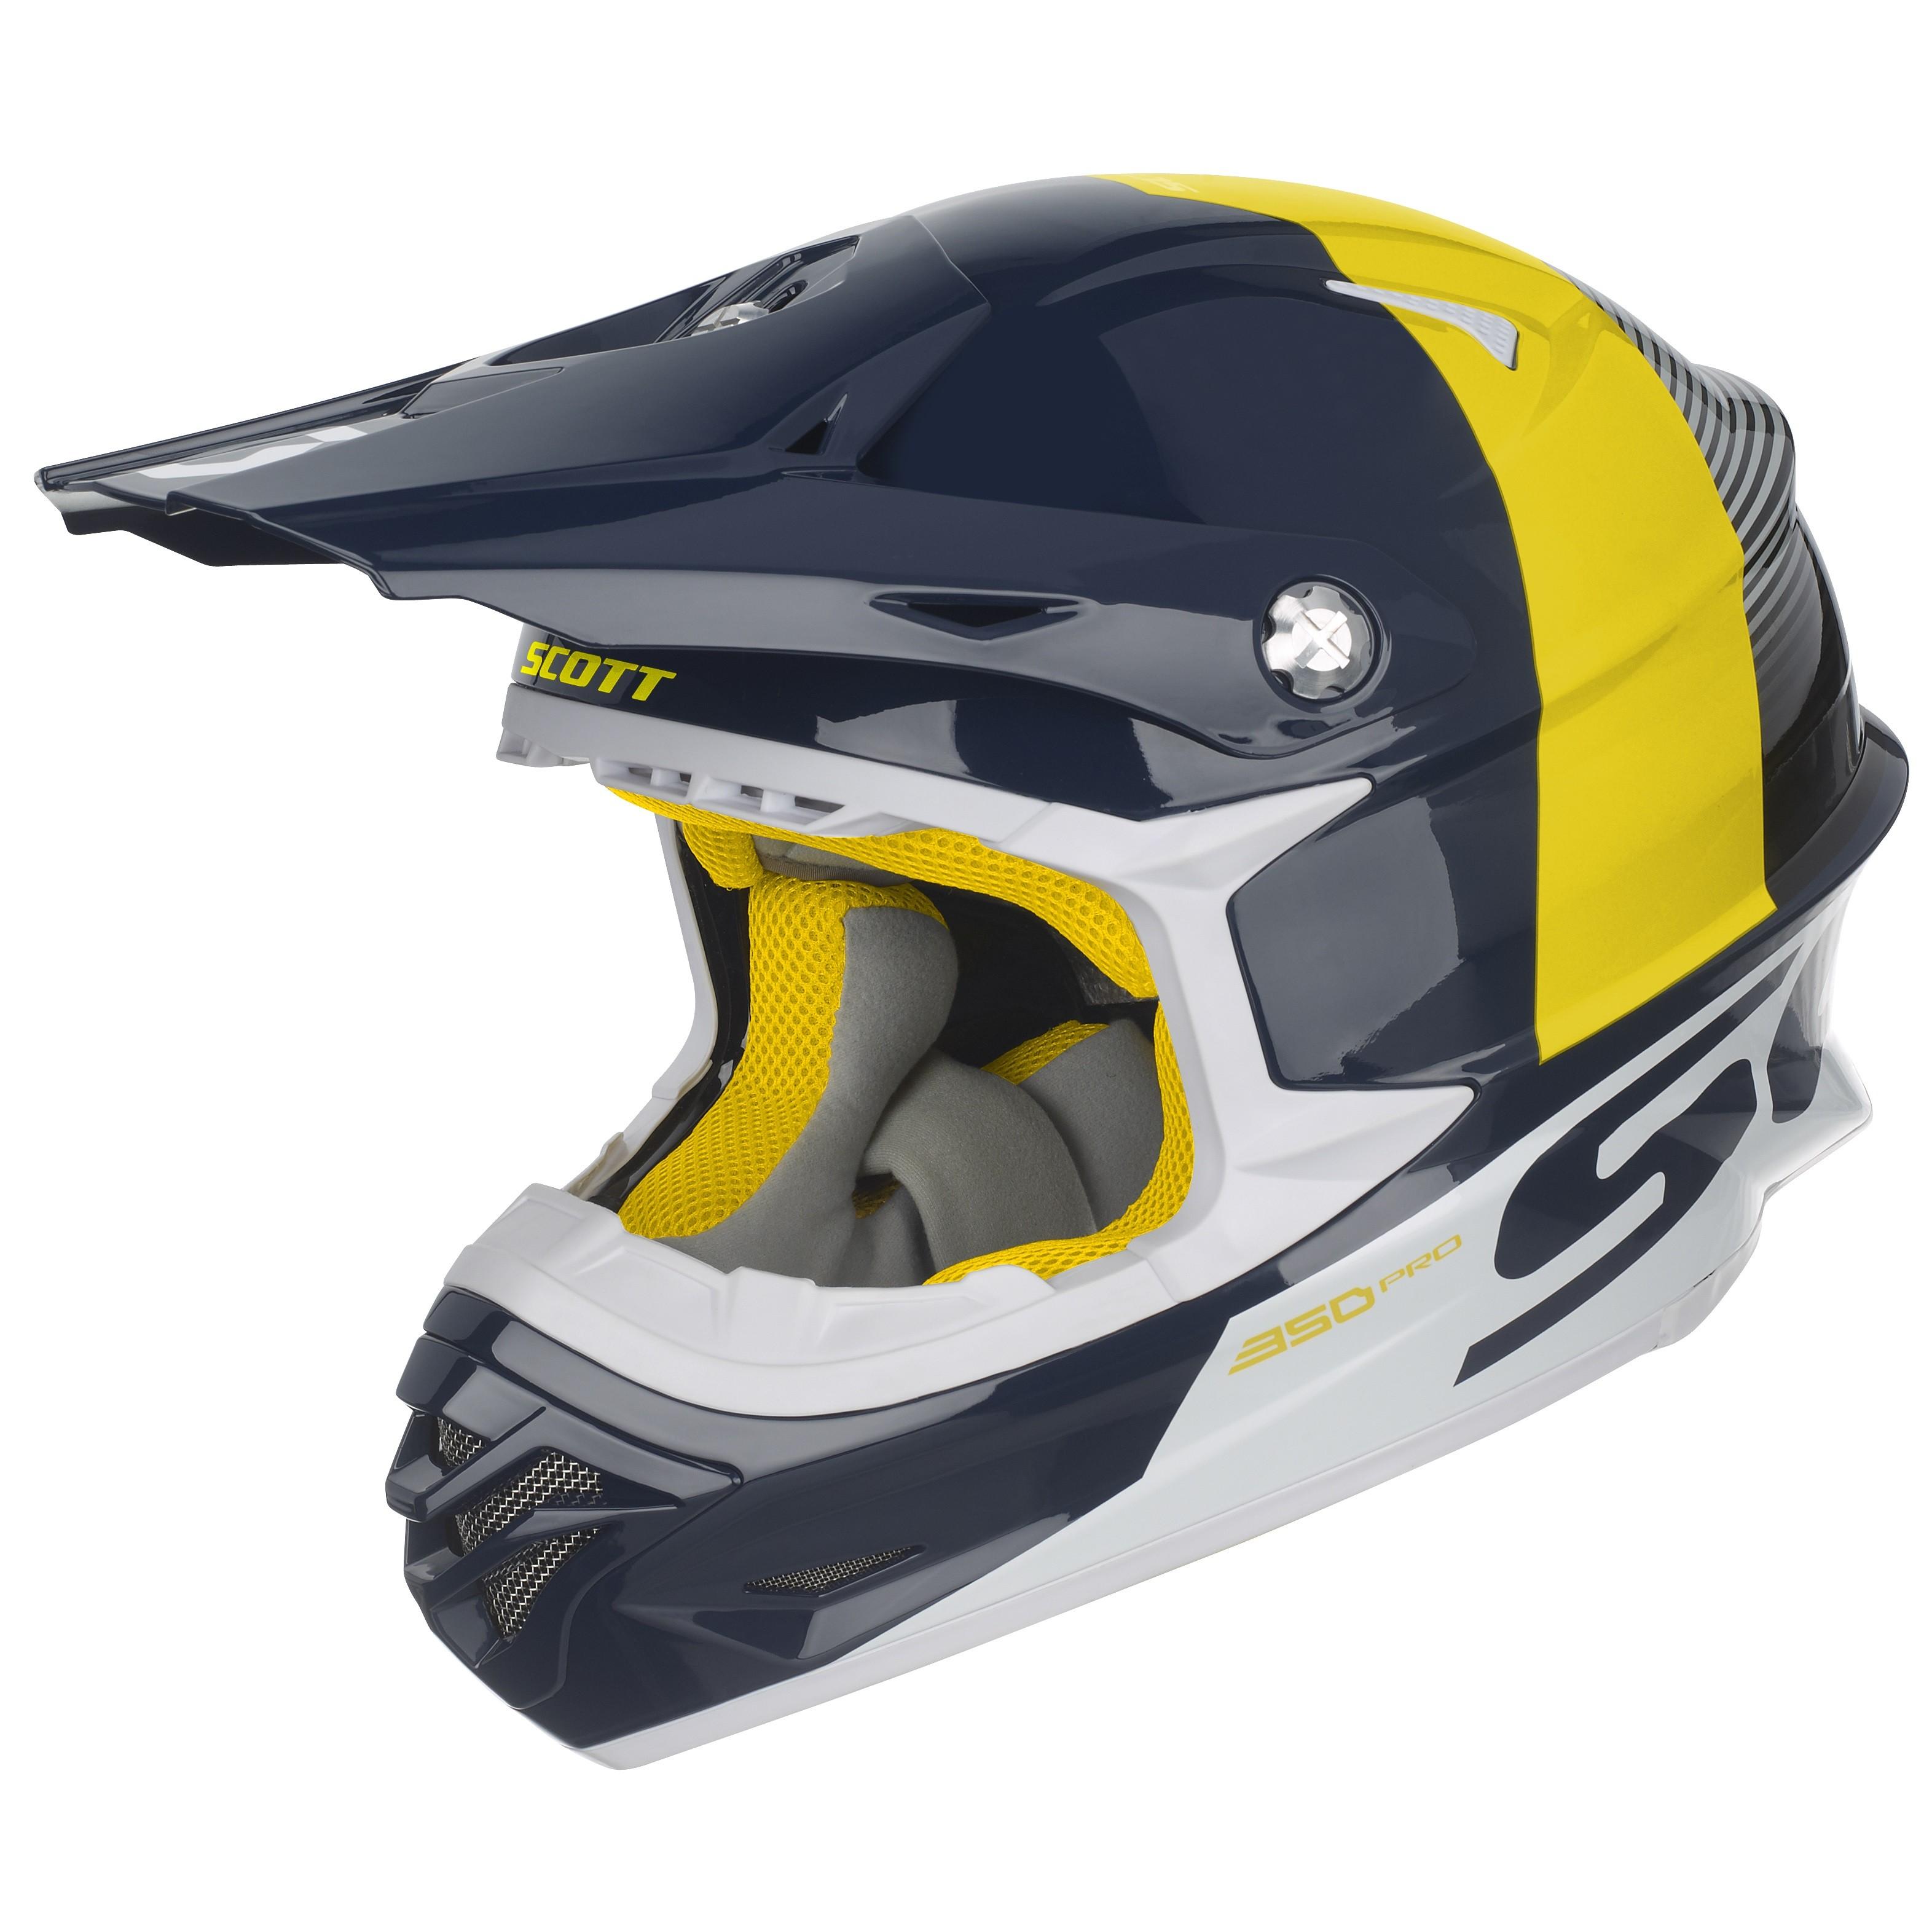 SCOTT 350 PRO TRACK Motocrossová přilba - Bolder - Moto oblečení 5c6acfffe1